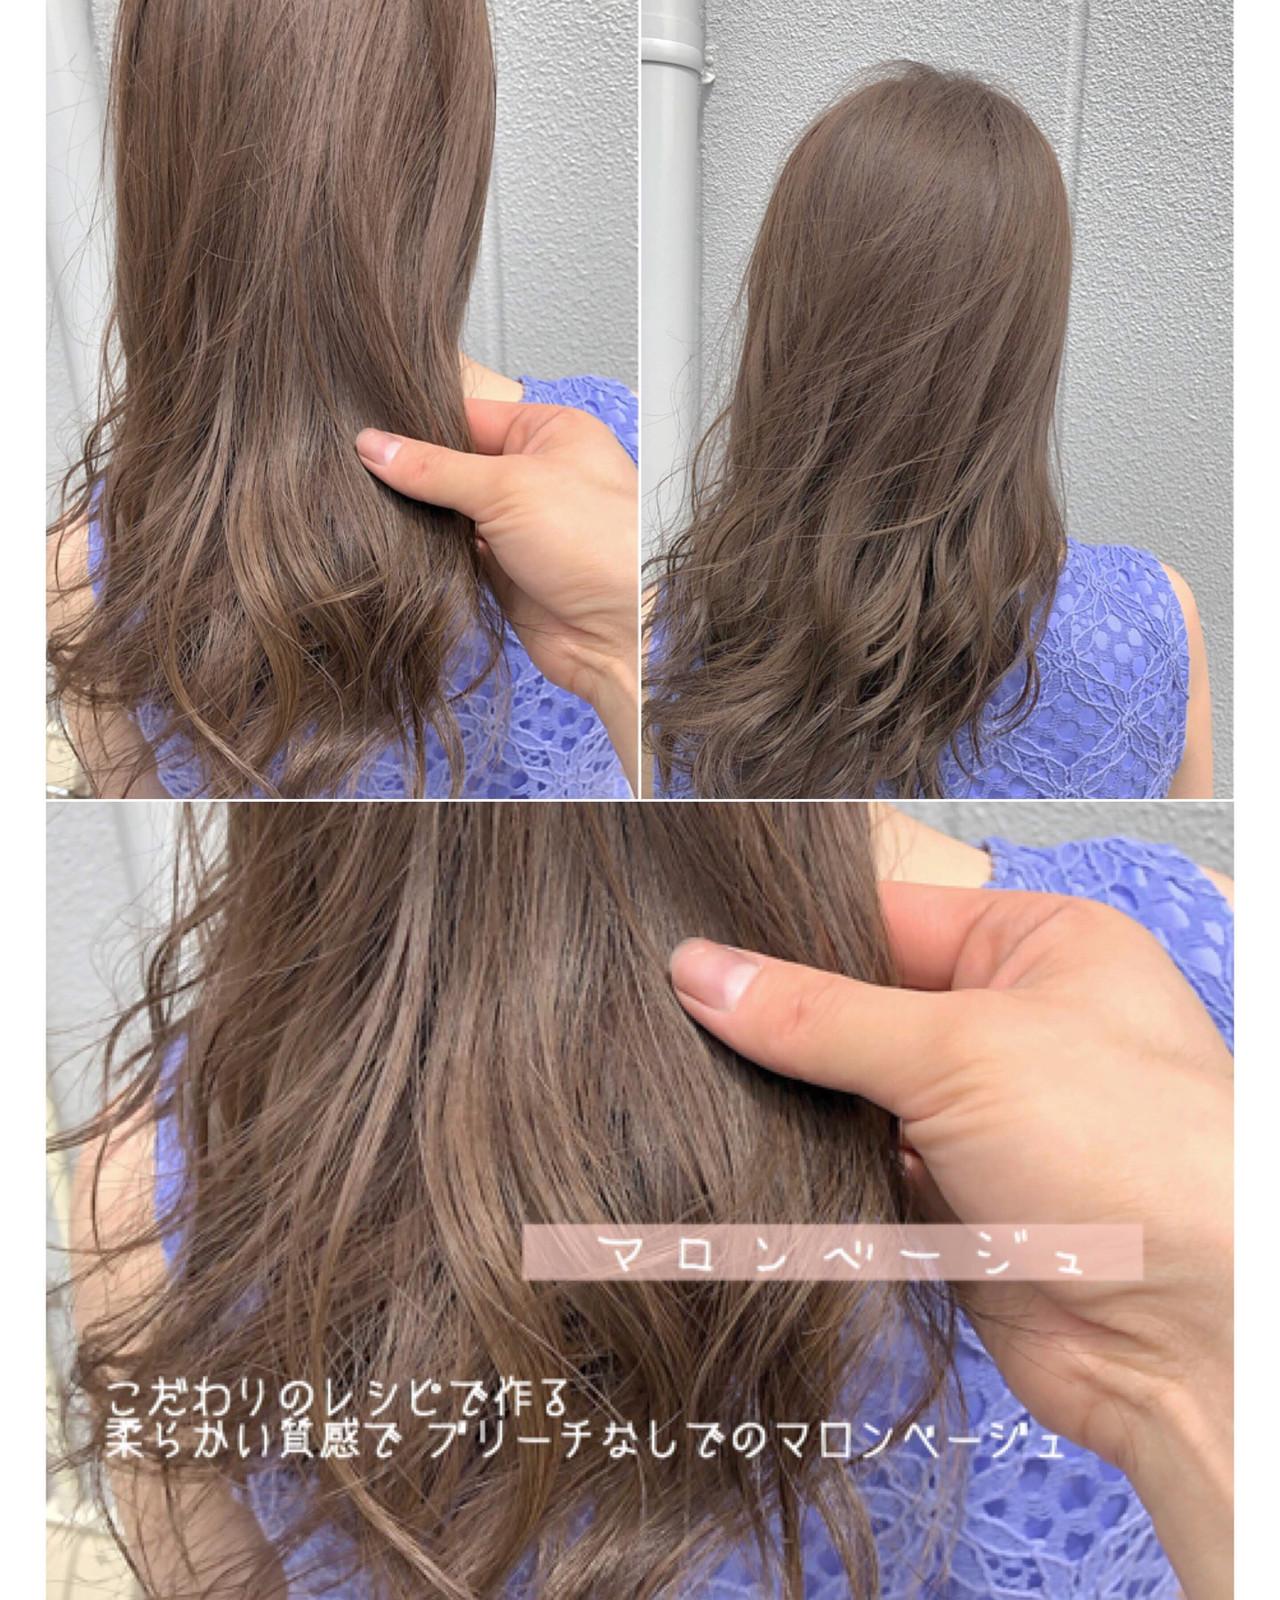 ミディアム ミルクティーグレージュ 大人かわいい アンニュイほつれヘア ヘアスタイルや髪型の写真・画像 | ハンサムショートベージュ職人 田中ゆうま / ブレス瓜破